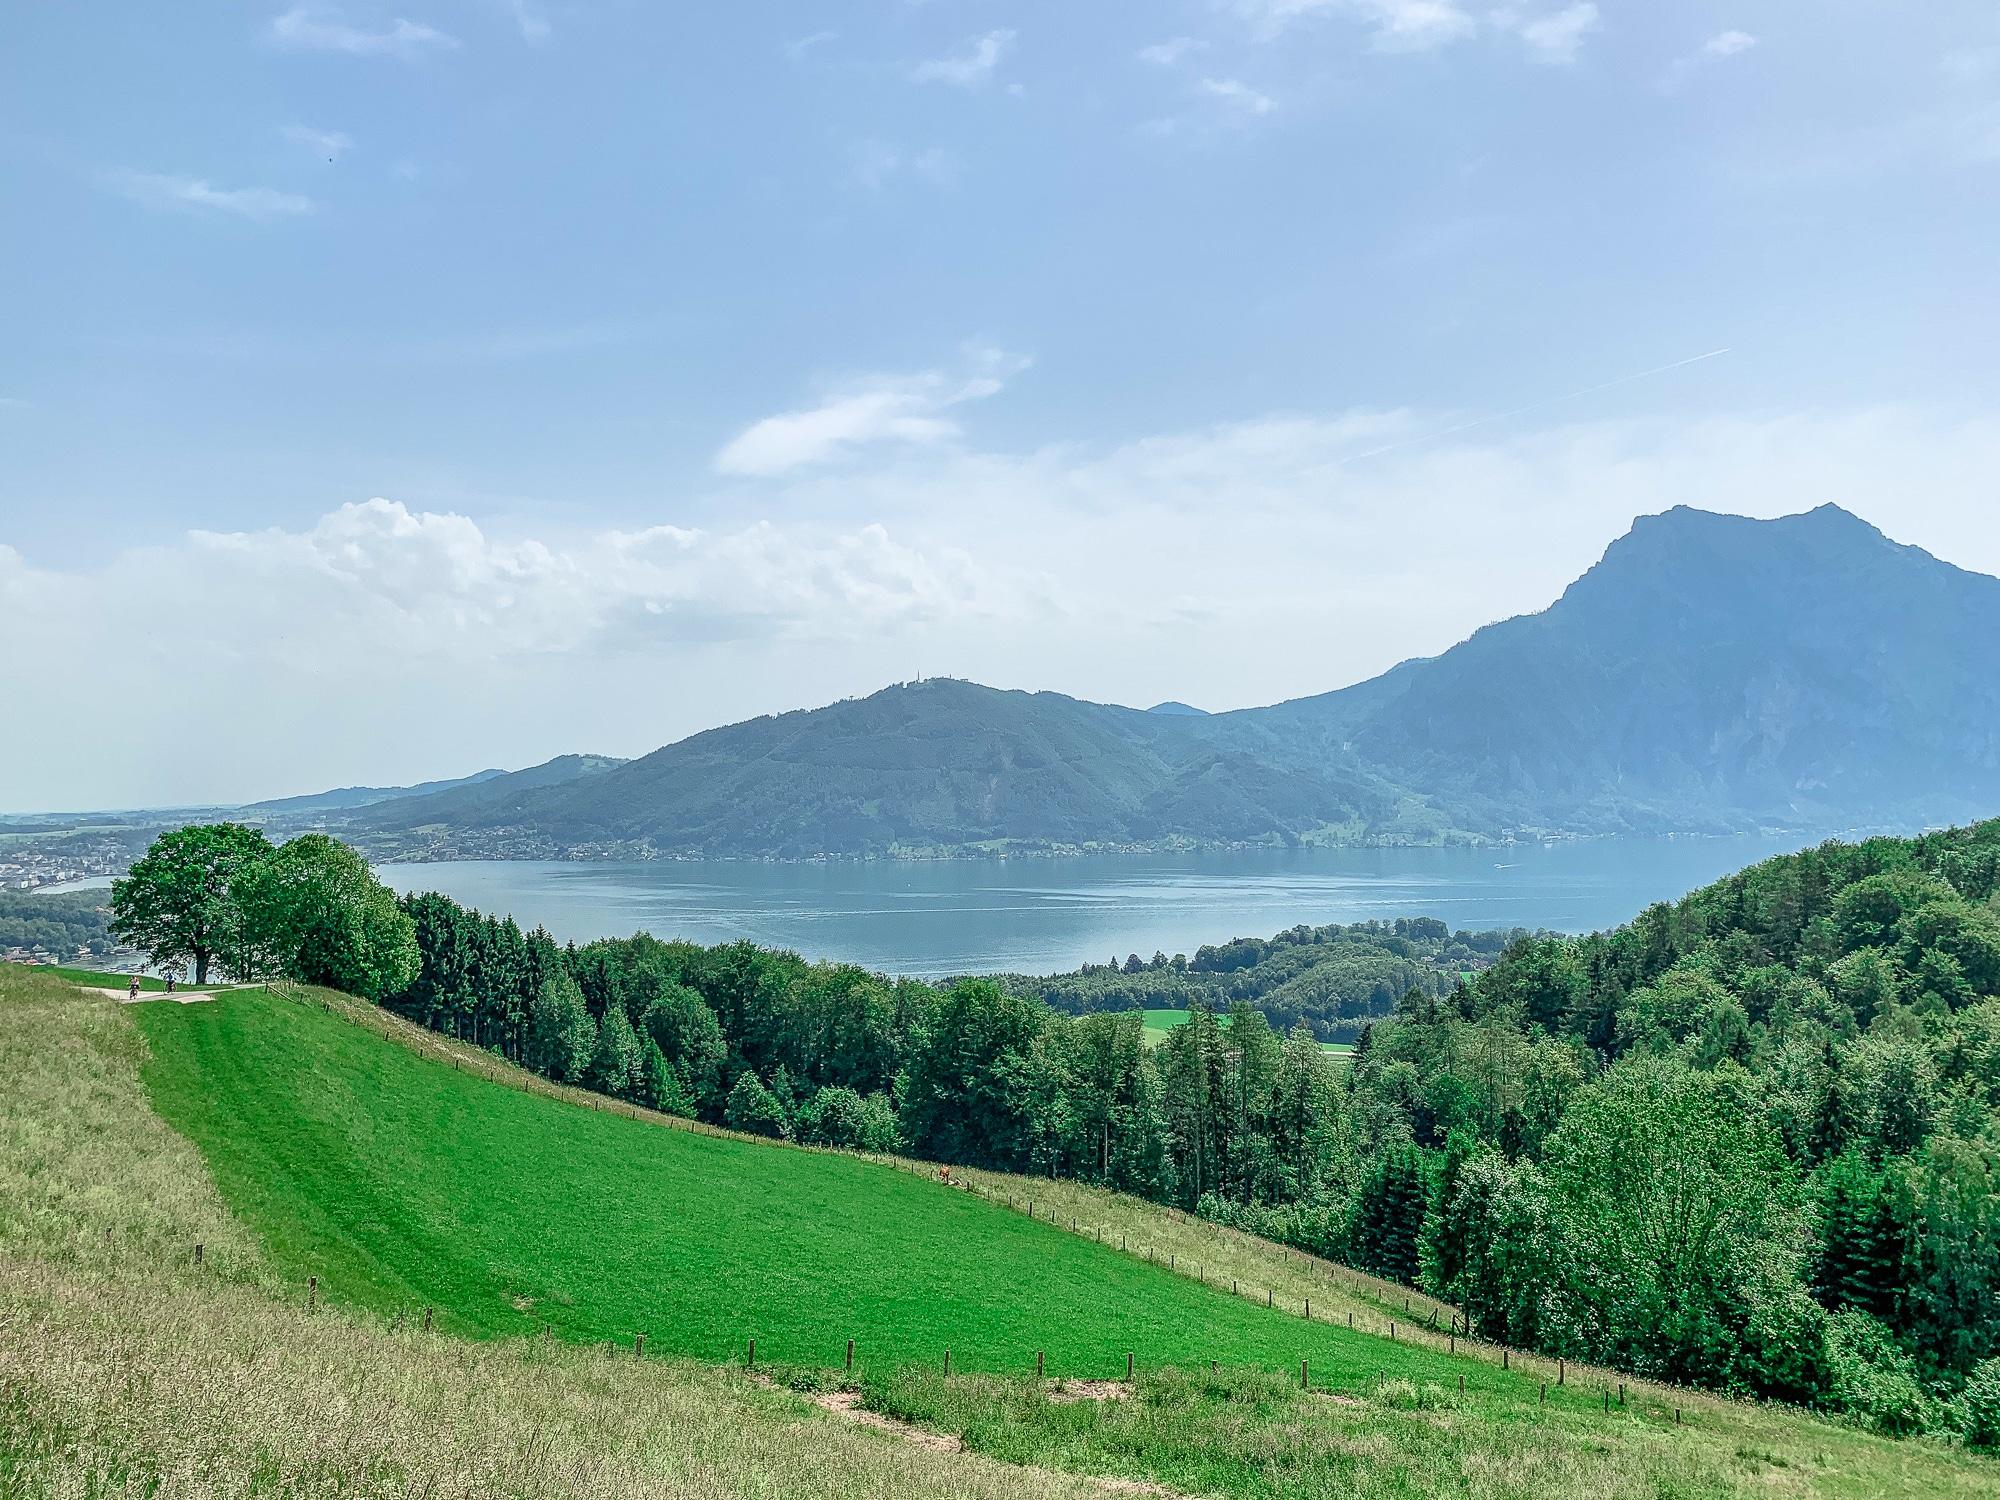 BergeSeen Trail: Erfahrungen auf der Weitwanderung im Salzkammergut - Etappe 1, Ausblick auf den Traunsee